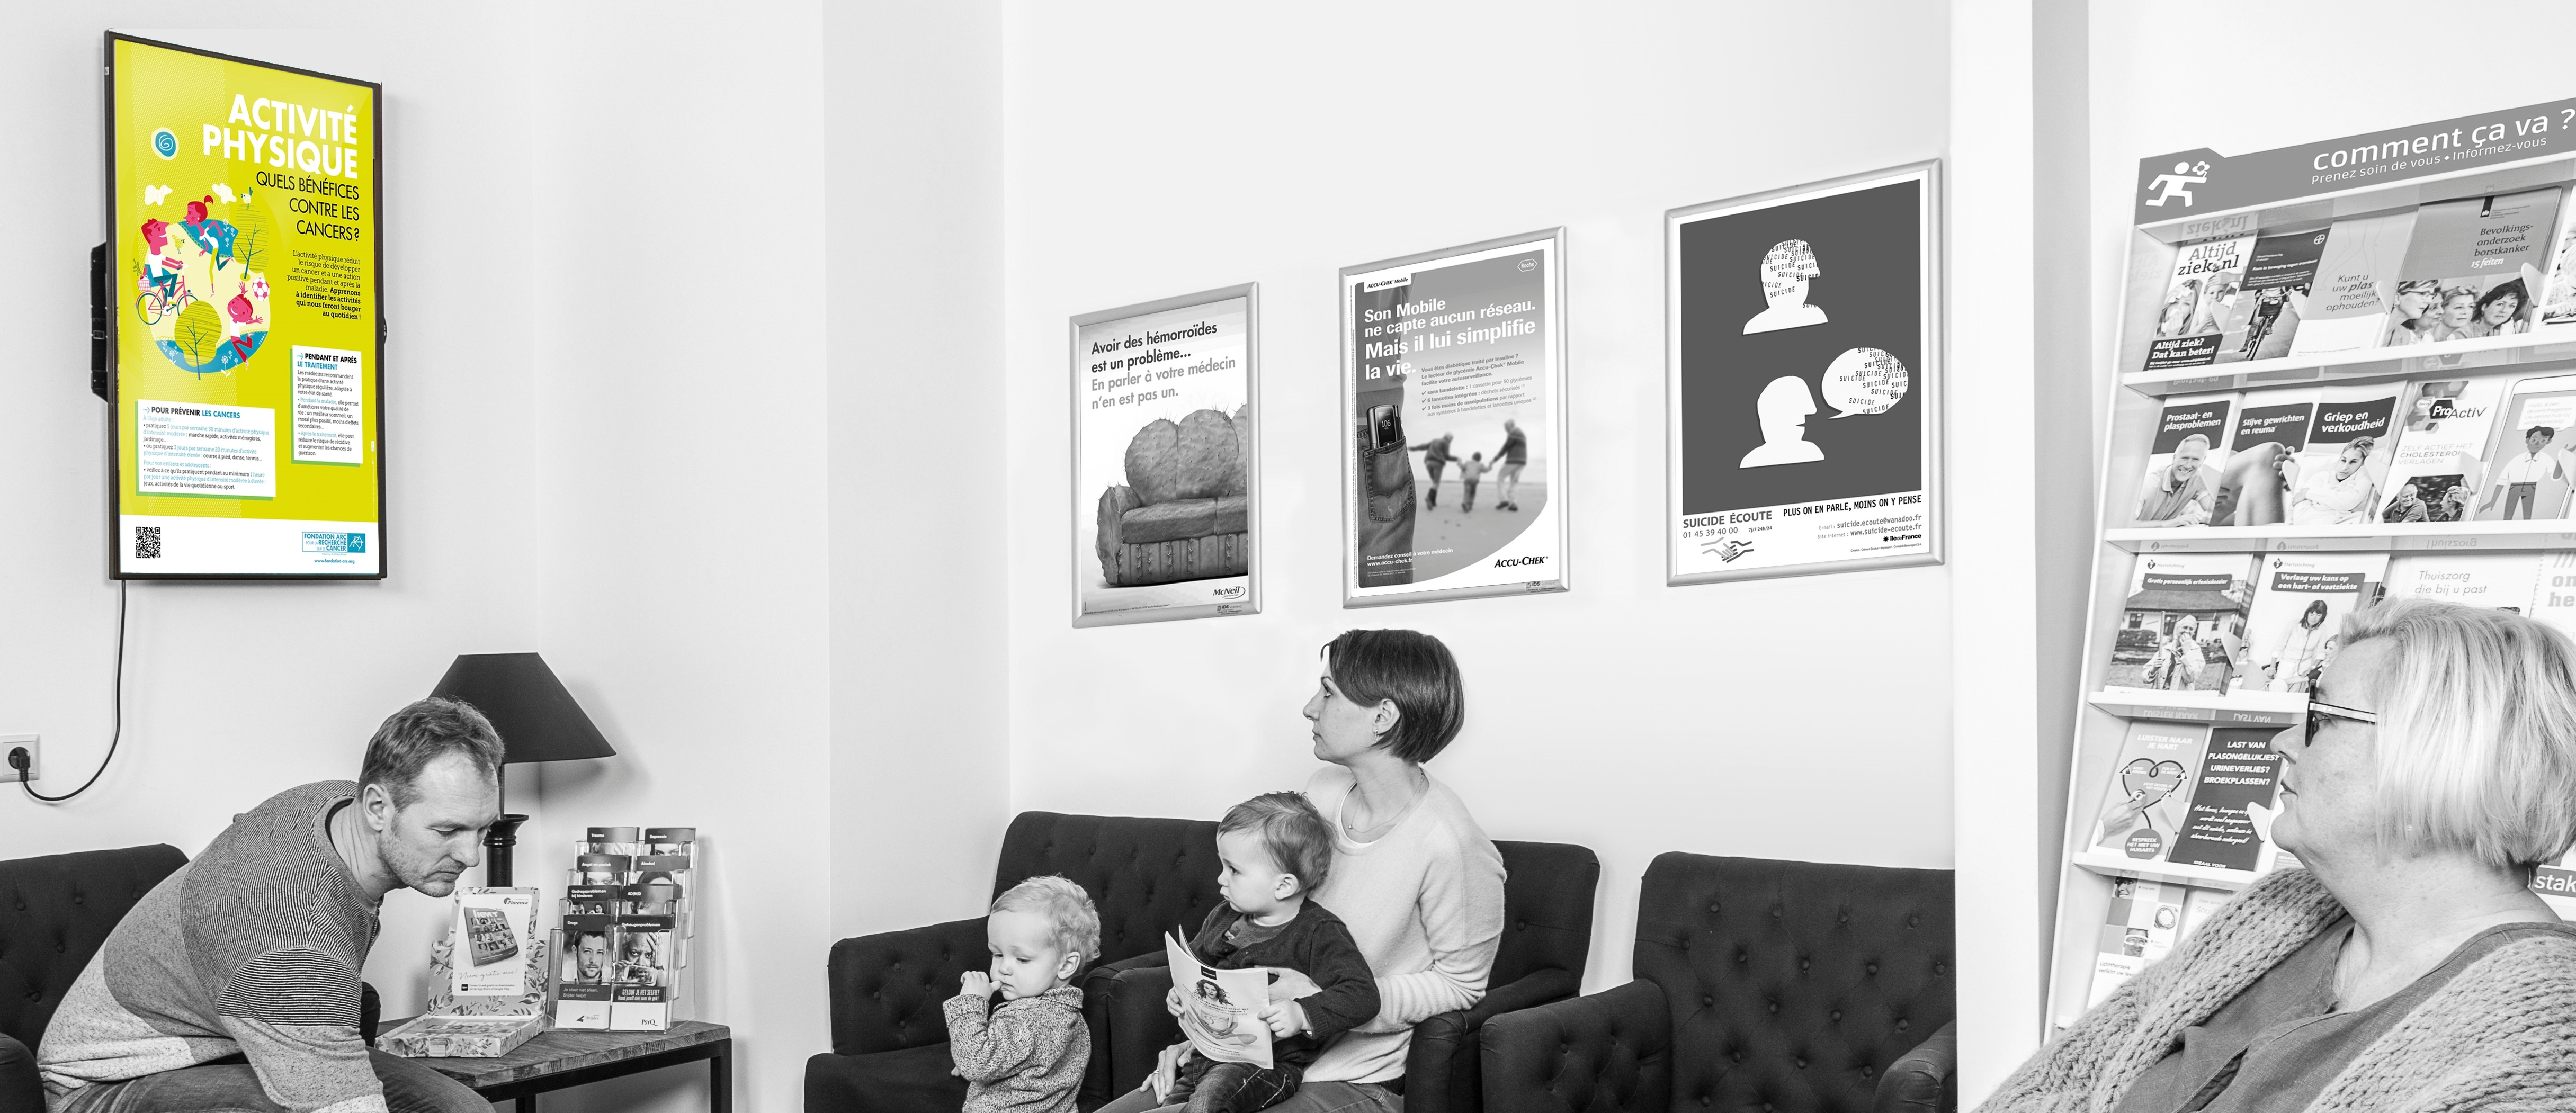 Ecran en salle d'attente chez le médecin